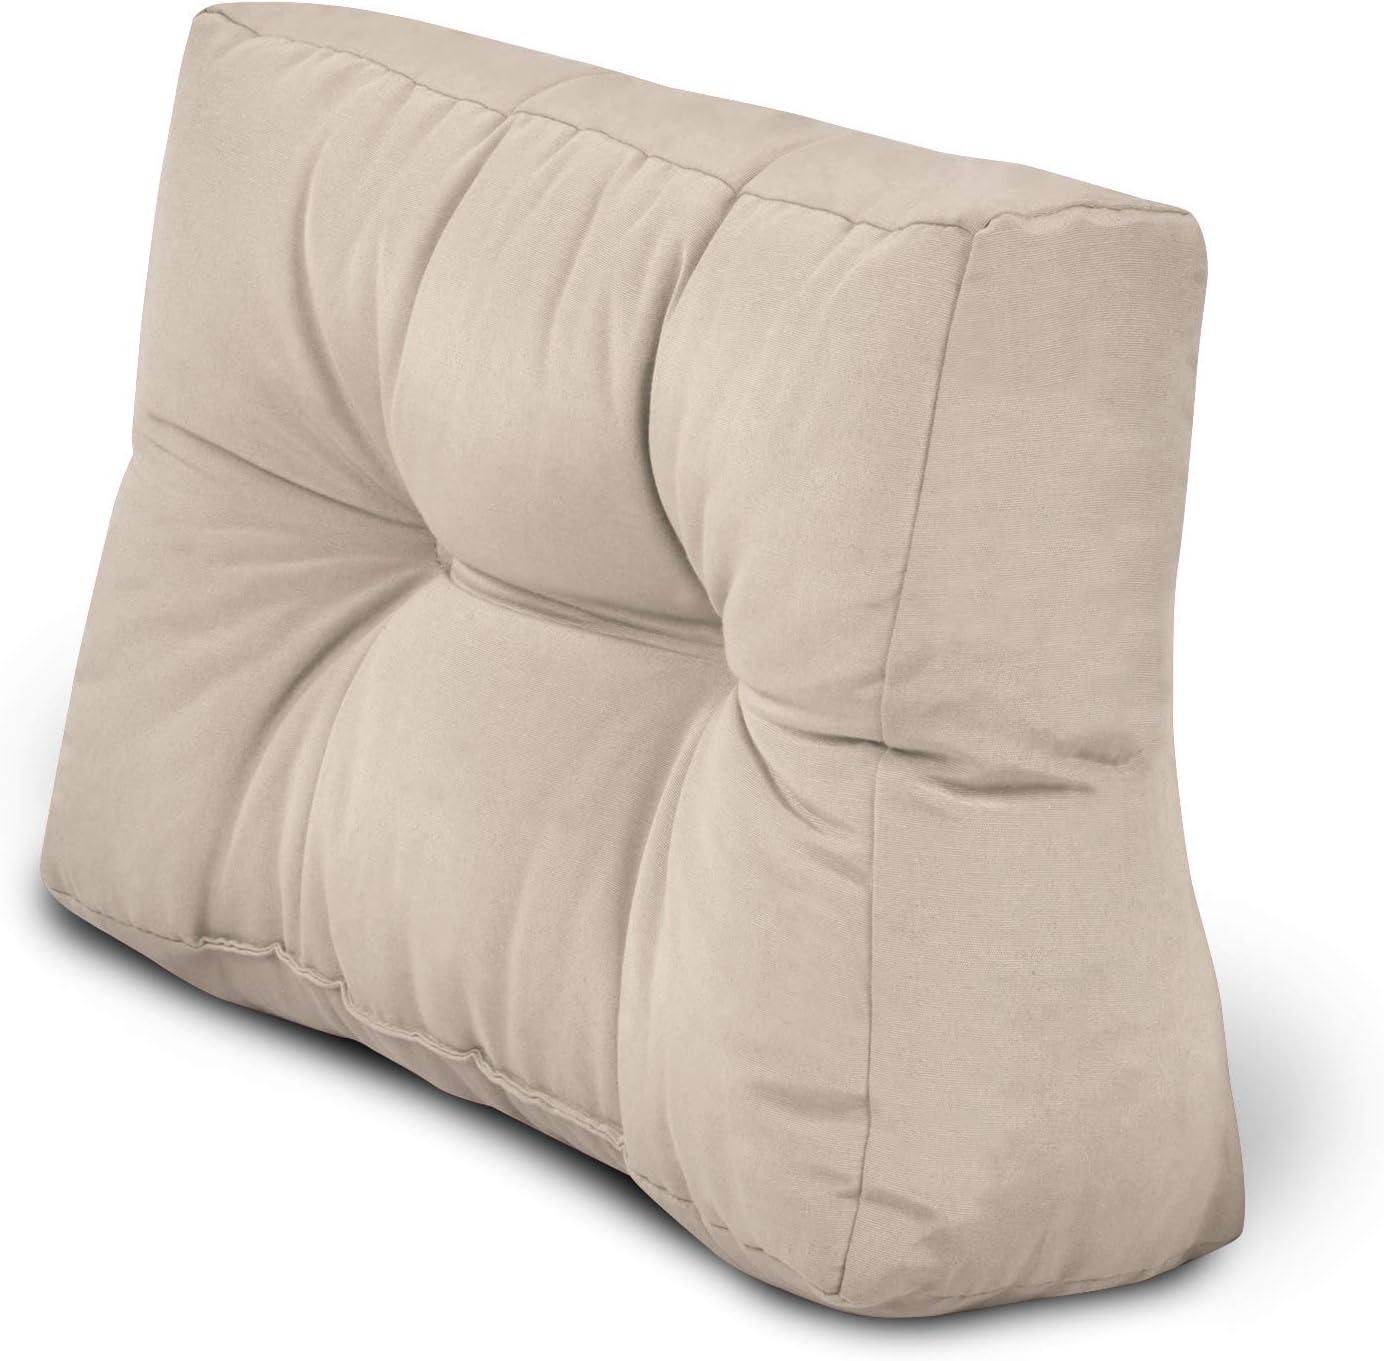 120x40x10-20cm Schienale per Divano Beautissu Cuscino per spalliera di divani per bancali o Pallet Eco Style Grigio